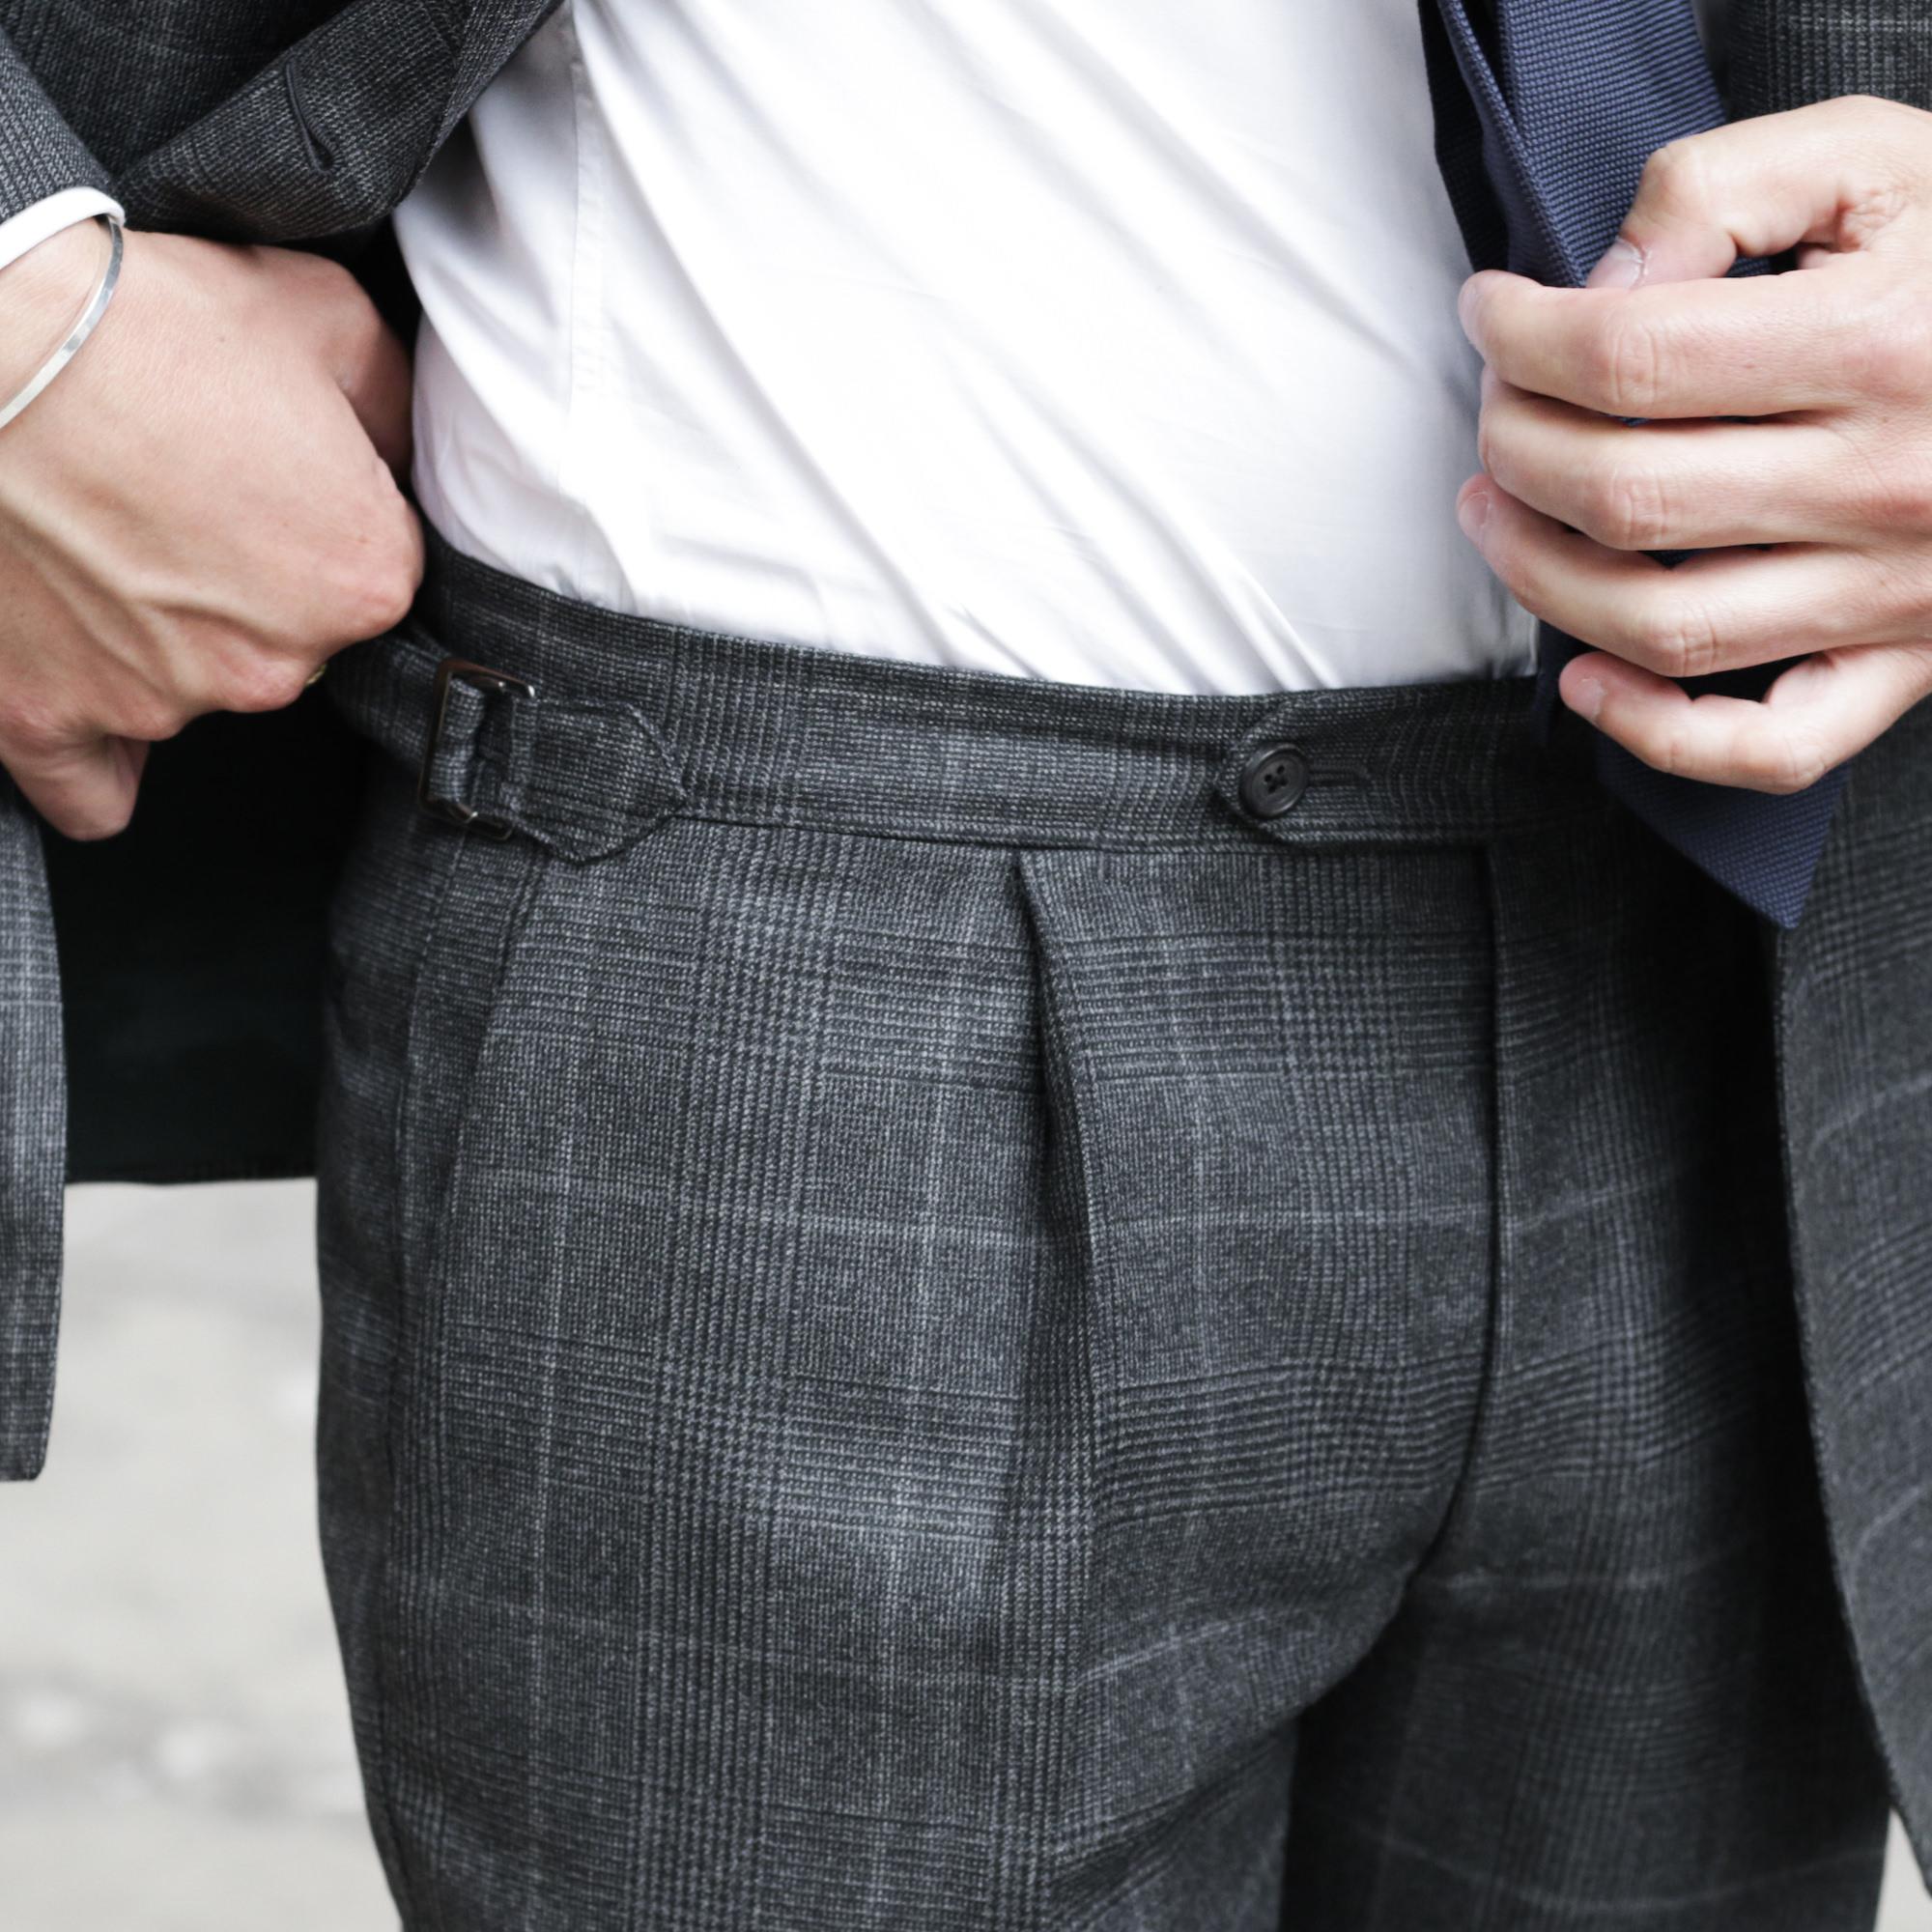 patte de serrage pantalon